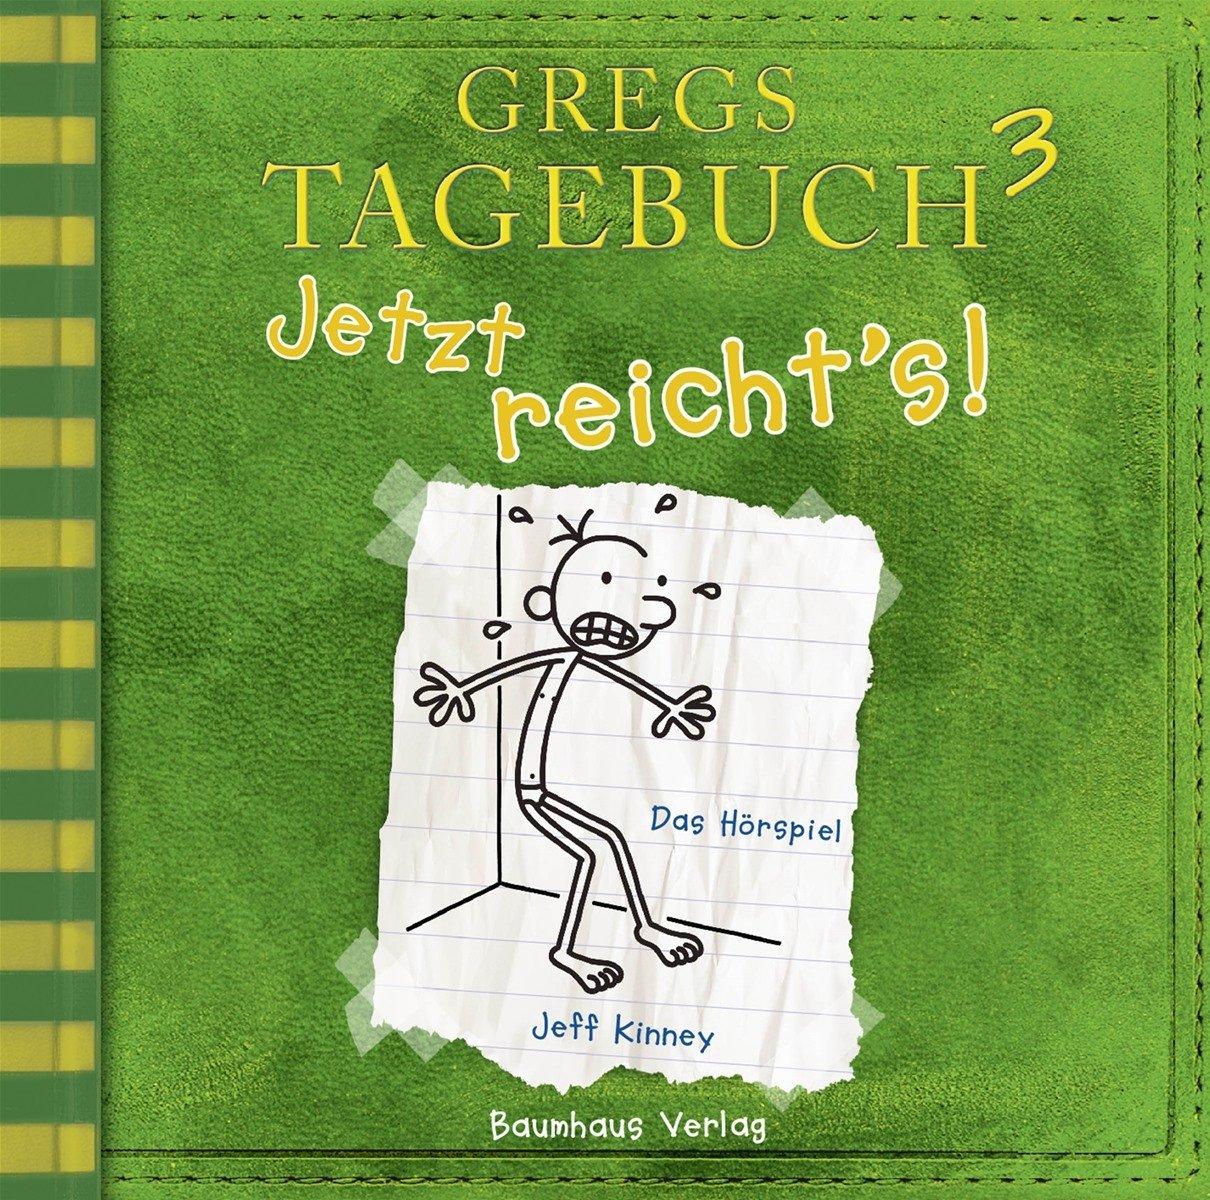 gregs-tagebuch-3-jetzt-reicht-s